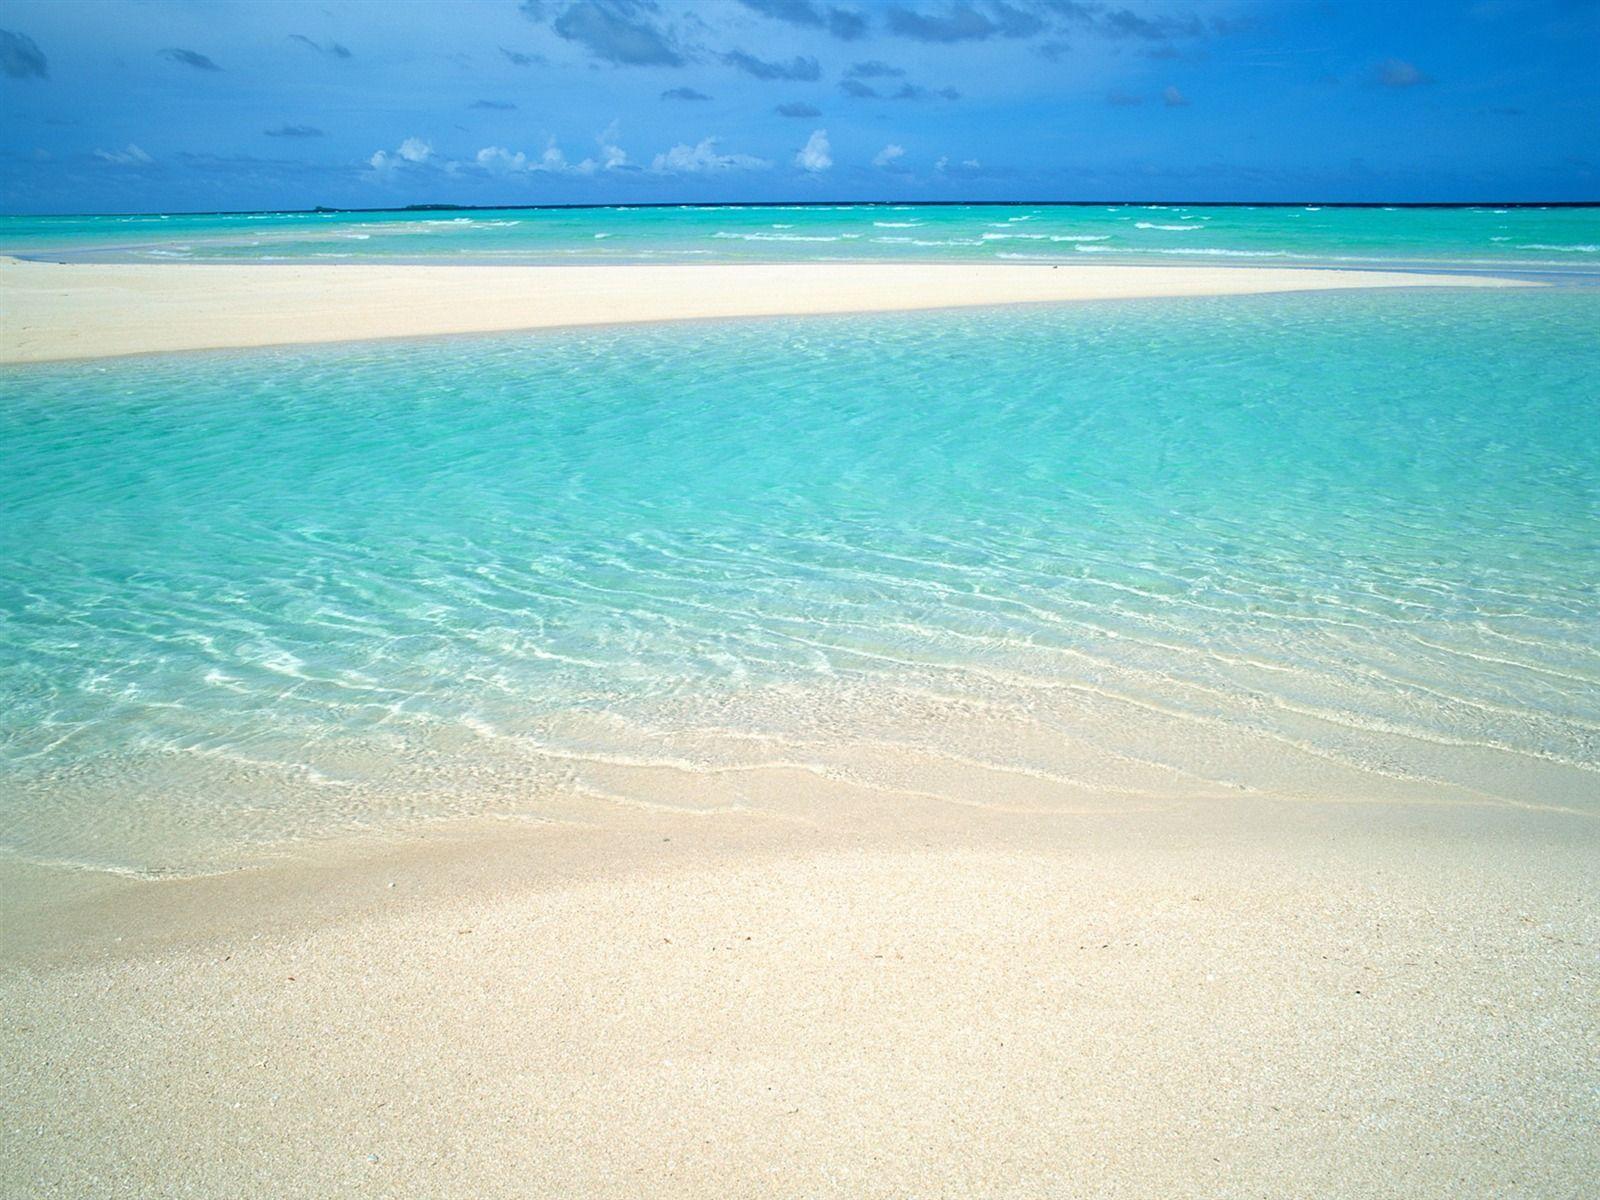 приготовить обои на экран море пляж песок голубая вода довольно крупные особи